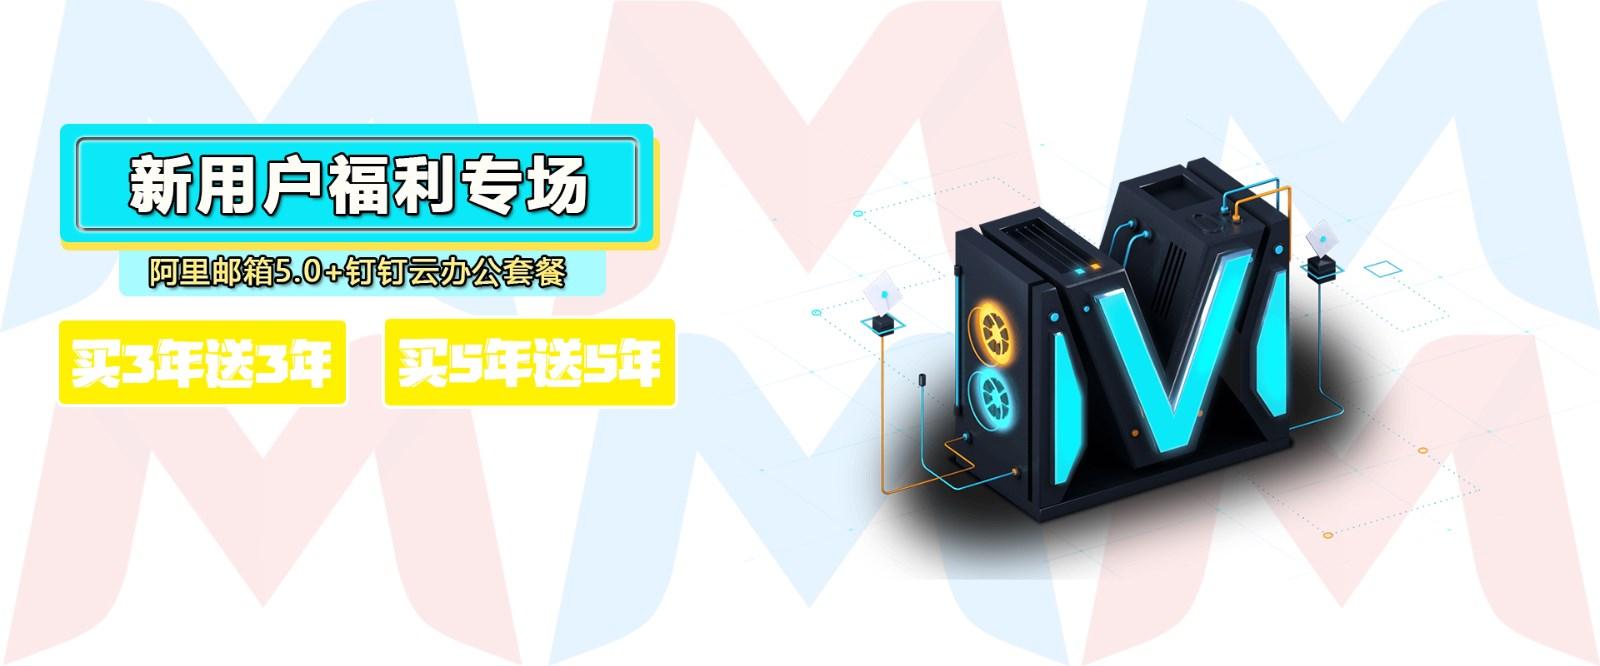 阿里邮箱费用_阿里巴巴企业管理软件注册-深圳市小龙科技信息咨询有限公司